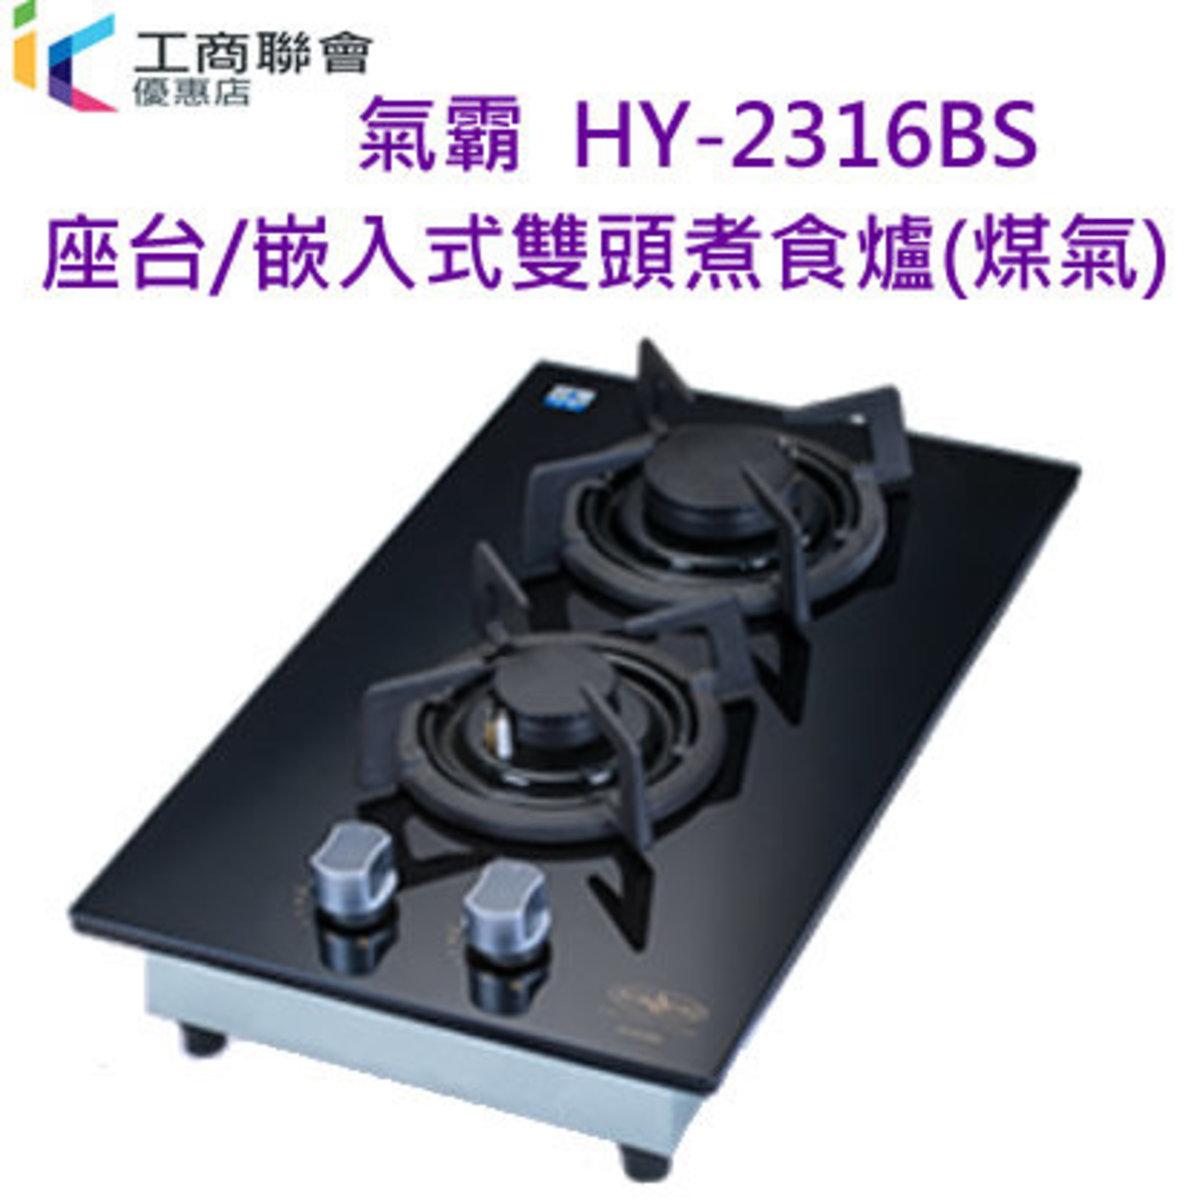 HY2316BS  座台/嵌入組合式雙頭煮食爐(煤氣)